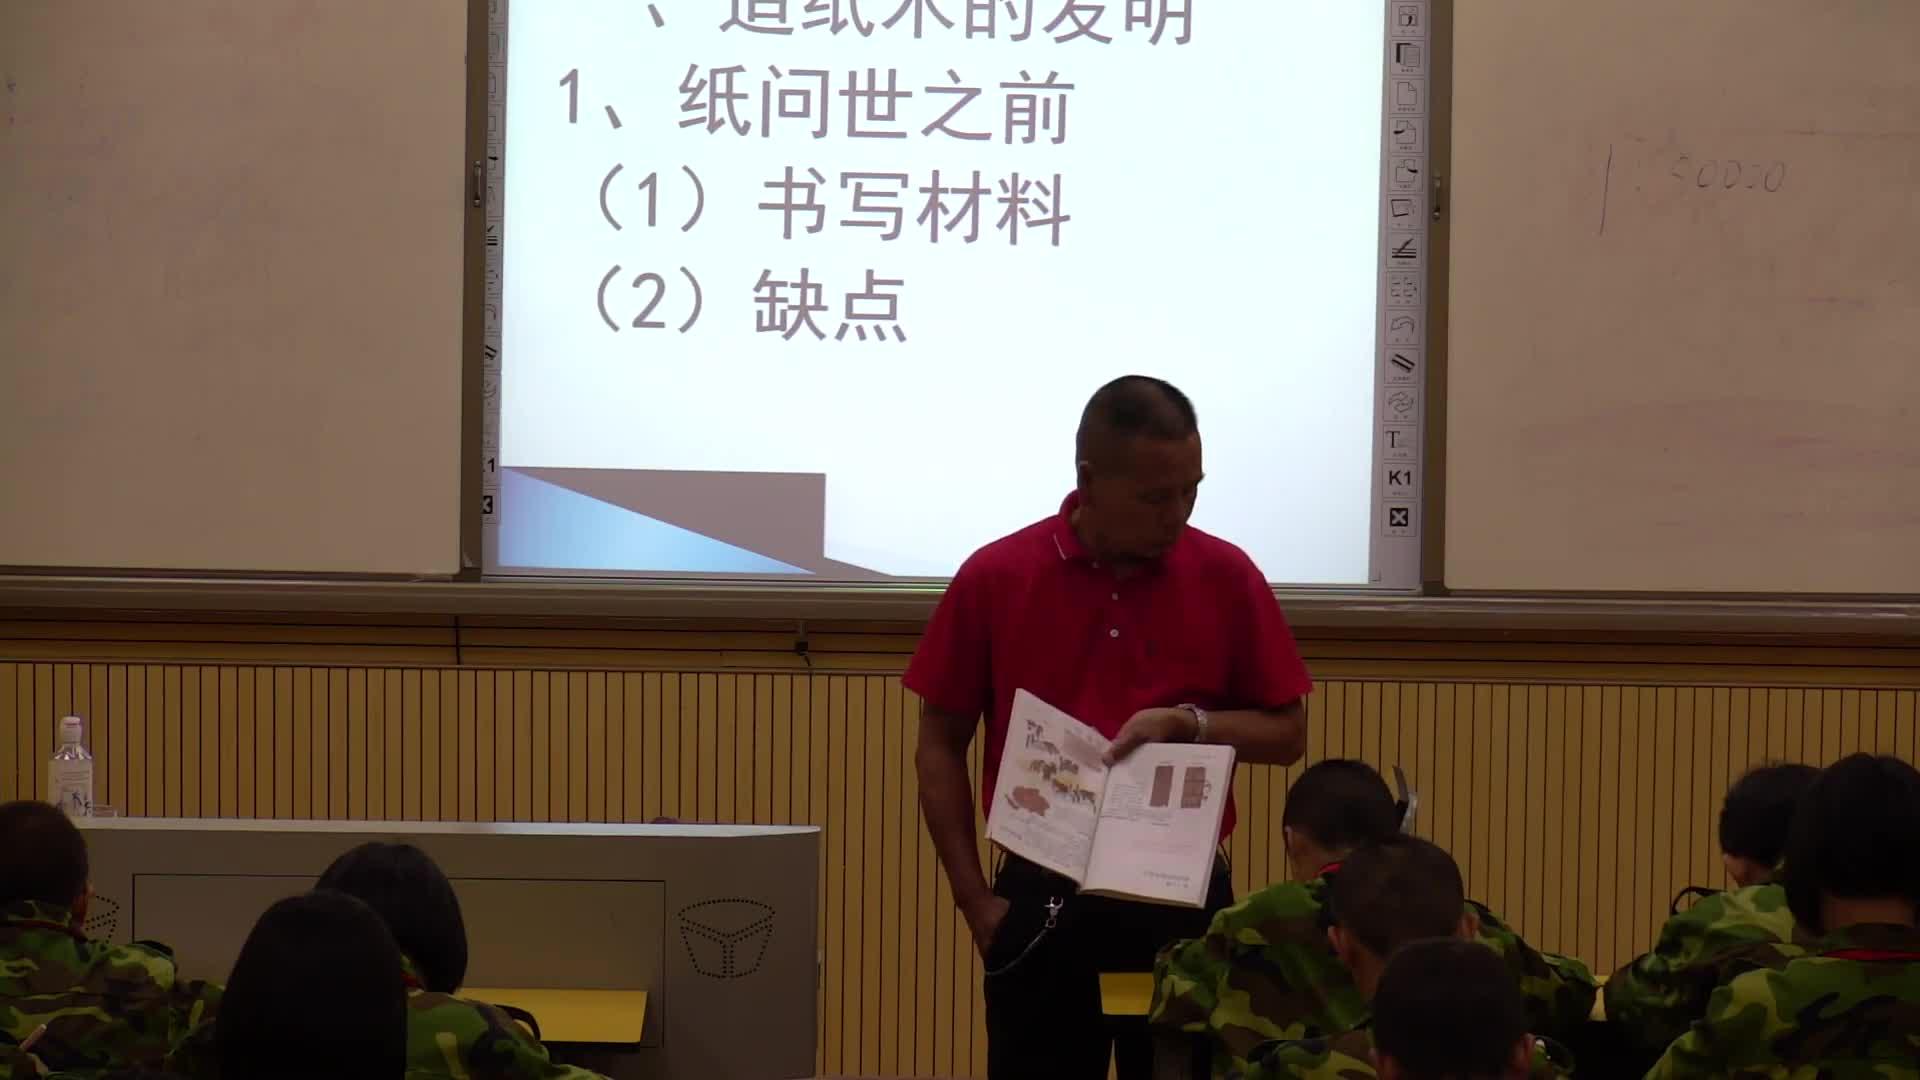 部編版 七年級歷史上冊 第三單元 第15課 兩漢的科技和文化-課堂實錄